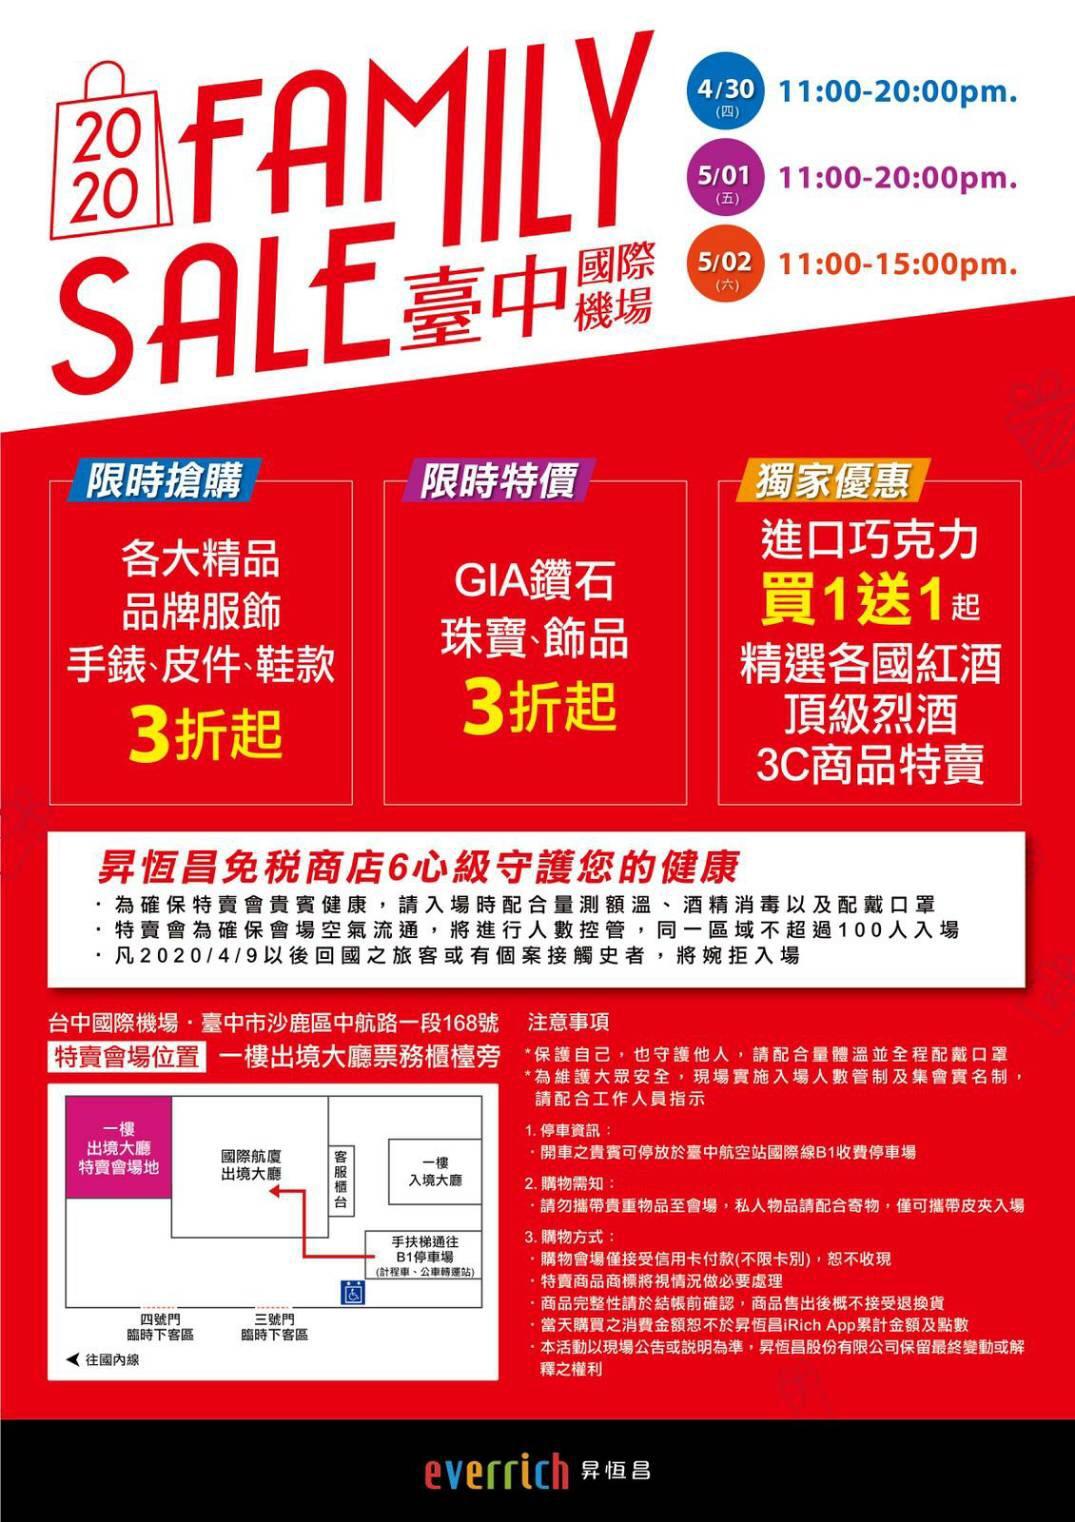 臺中機場免稅店開放特賣!!不用出國也可以買免稅商品享優惠~ - 棉花糖的天空